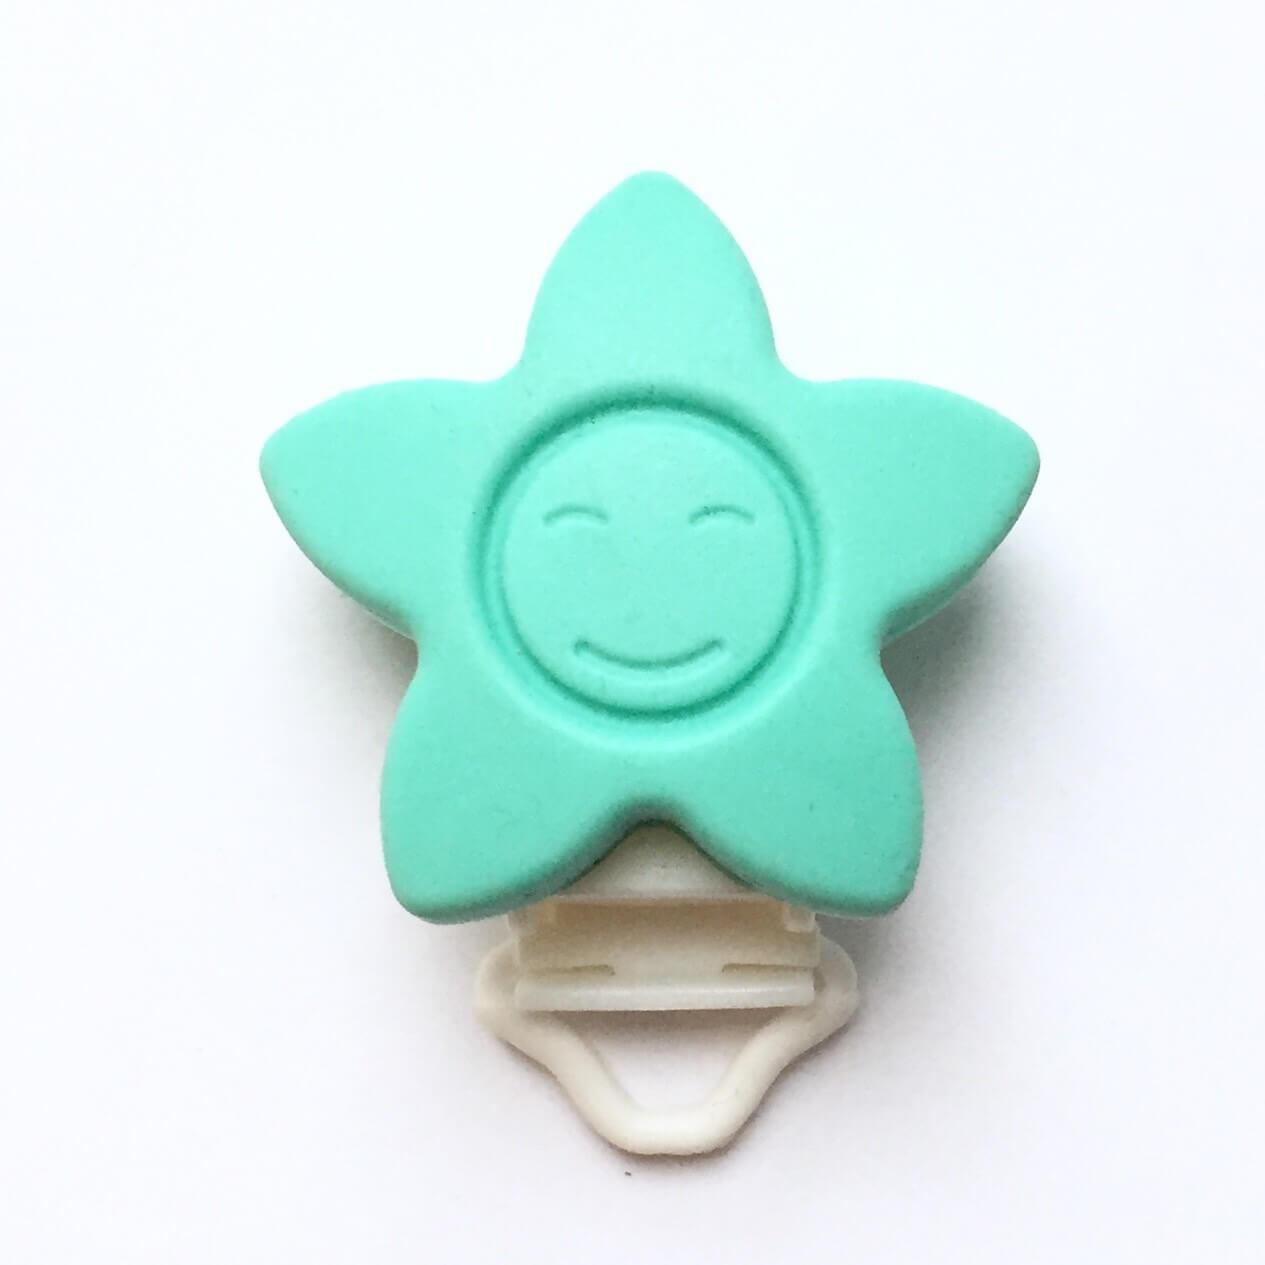 КЛИПСА звезда (бирюза) силиконовая для пустышки